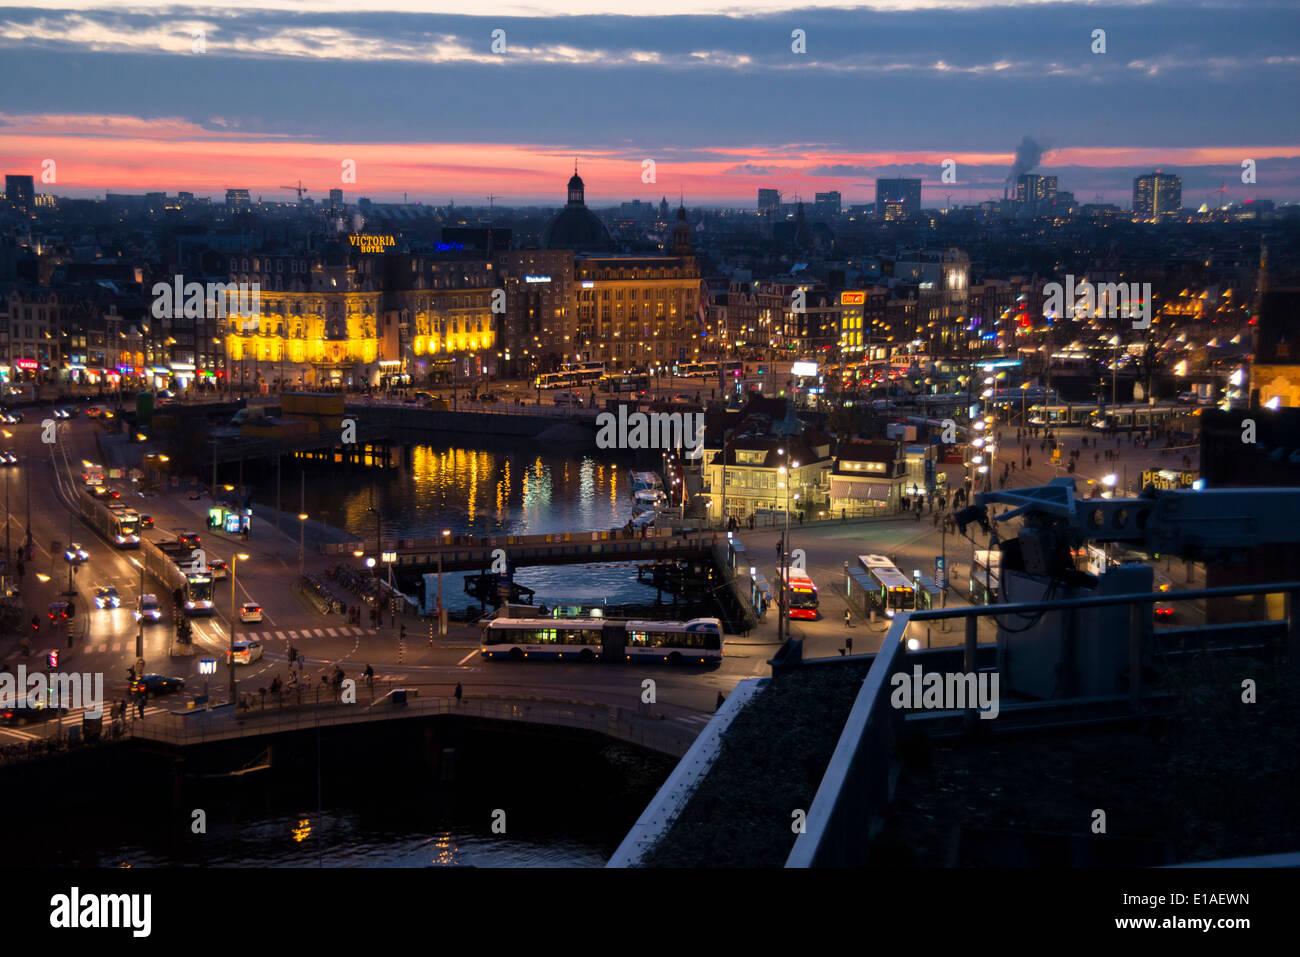 Licht Tour Amsterdam : Erhöhte ansicht von amsterdam bahnhofsbereich nachts mit licht